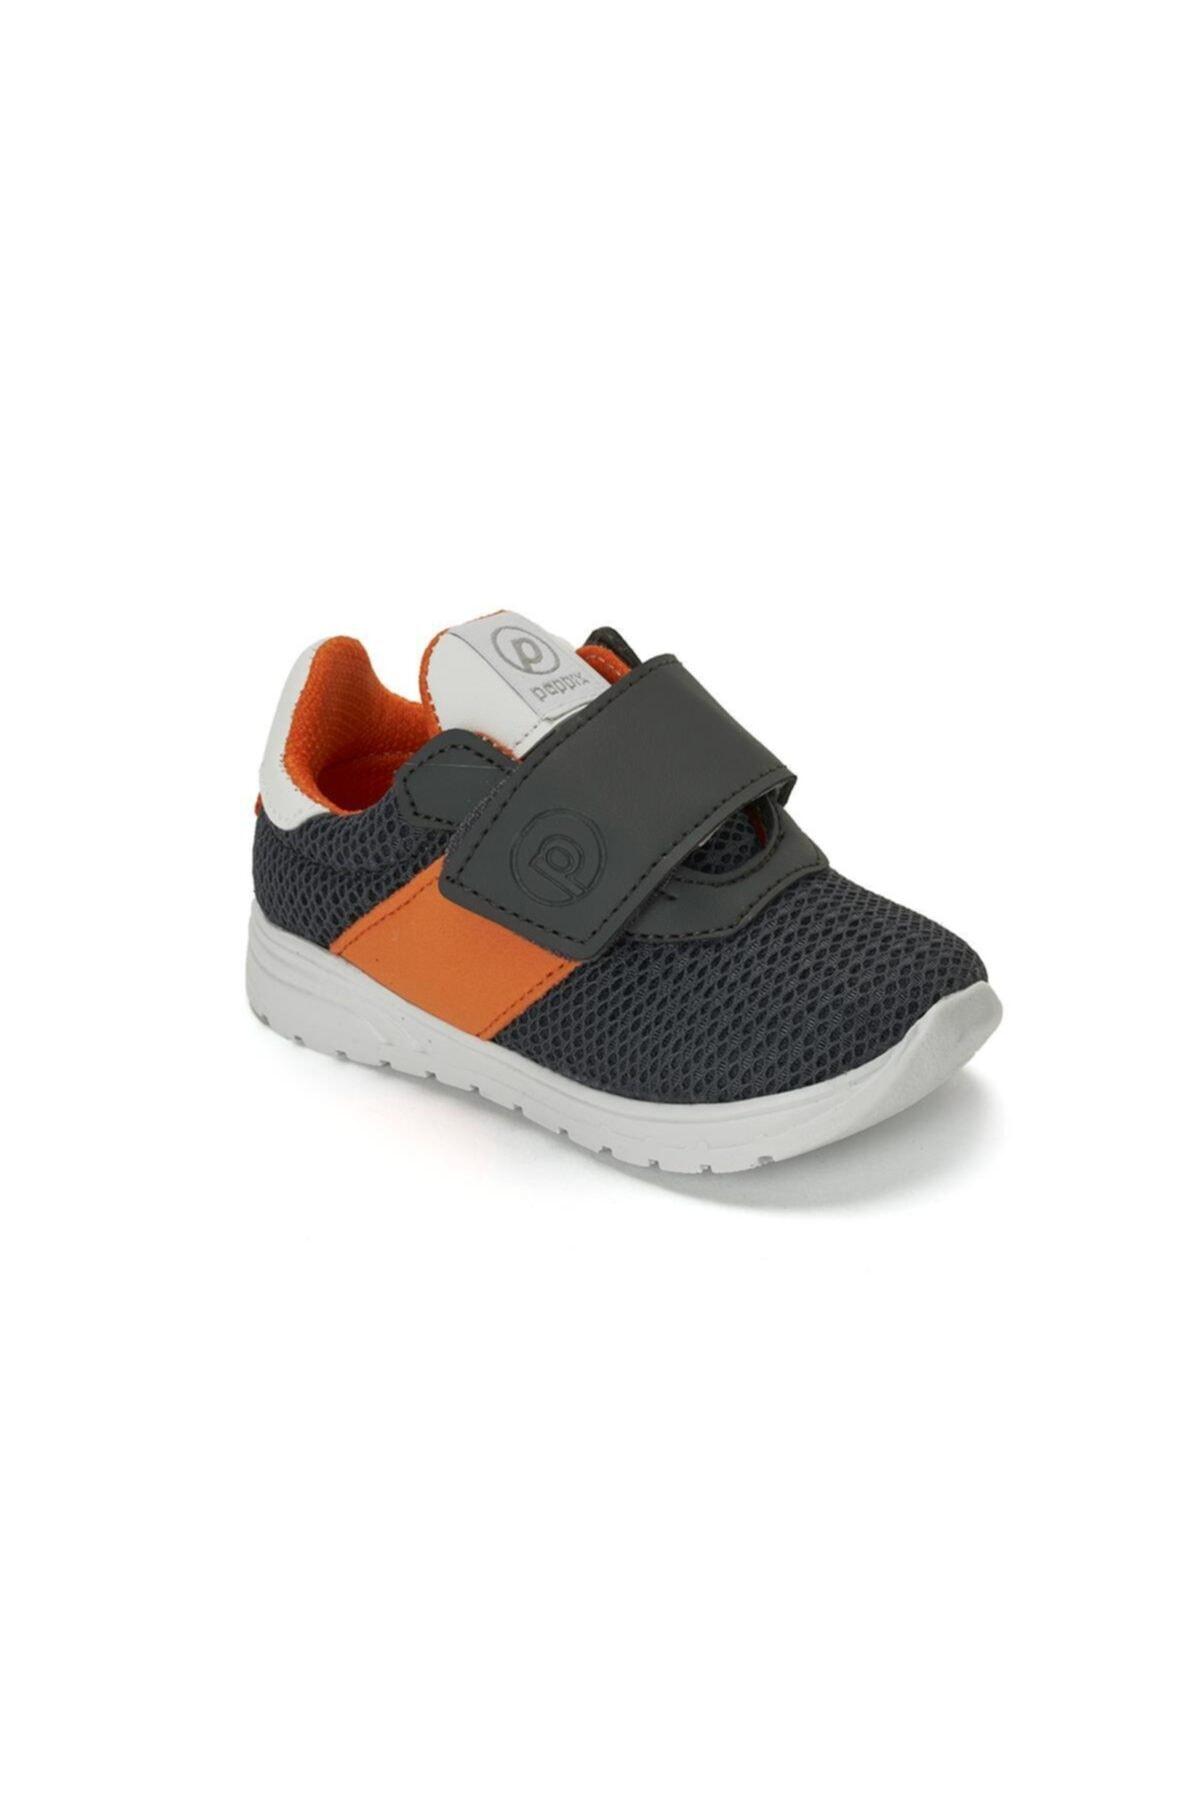 MUGGO Px03 Bebek Ayakkabı 1